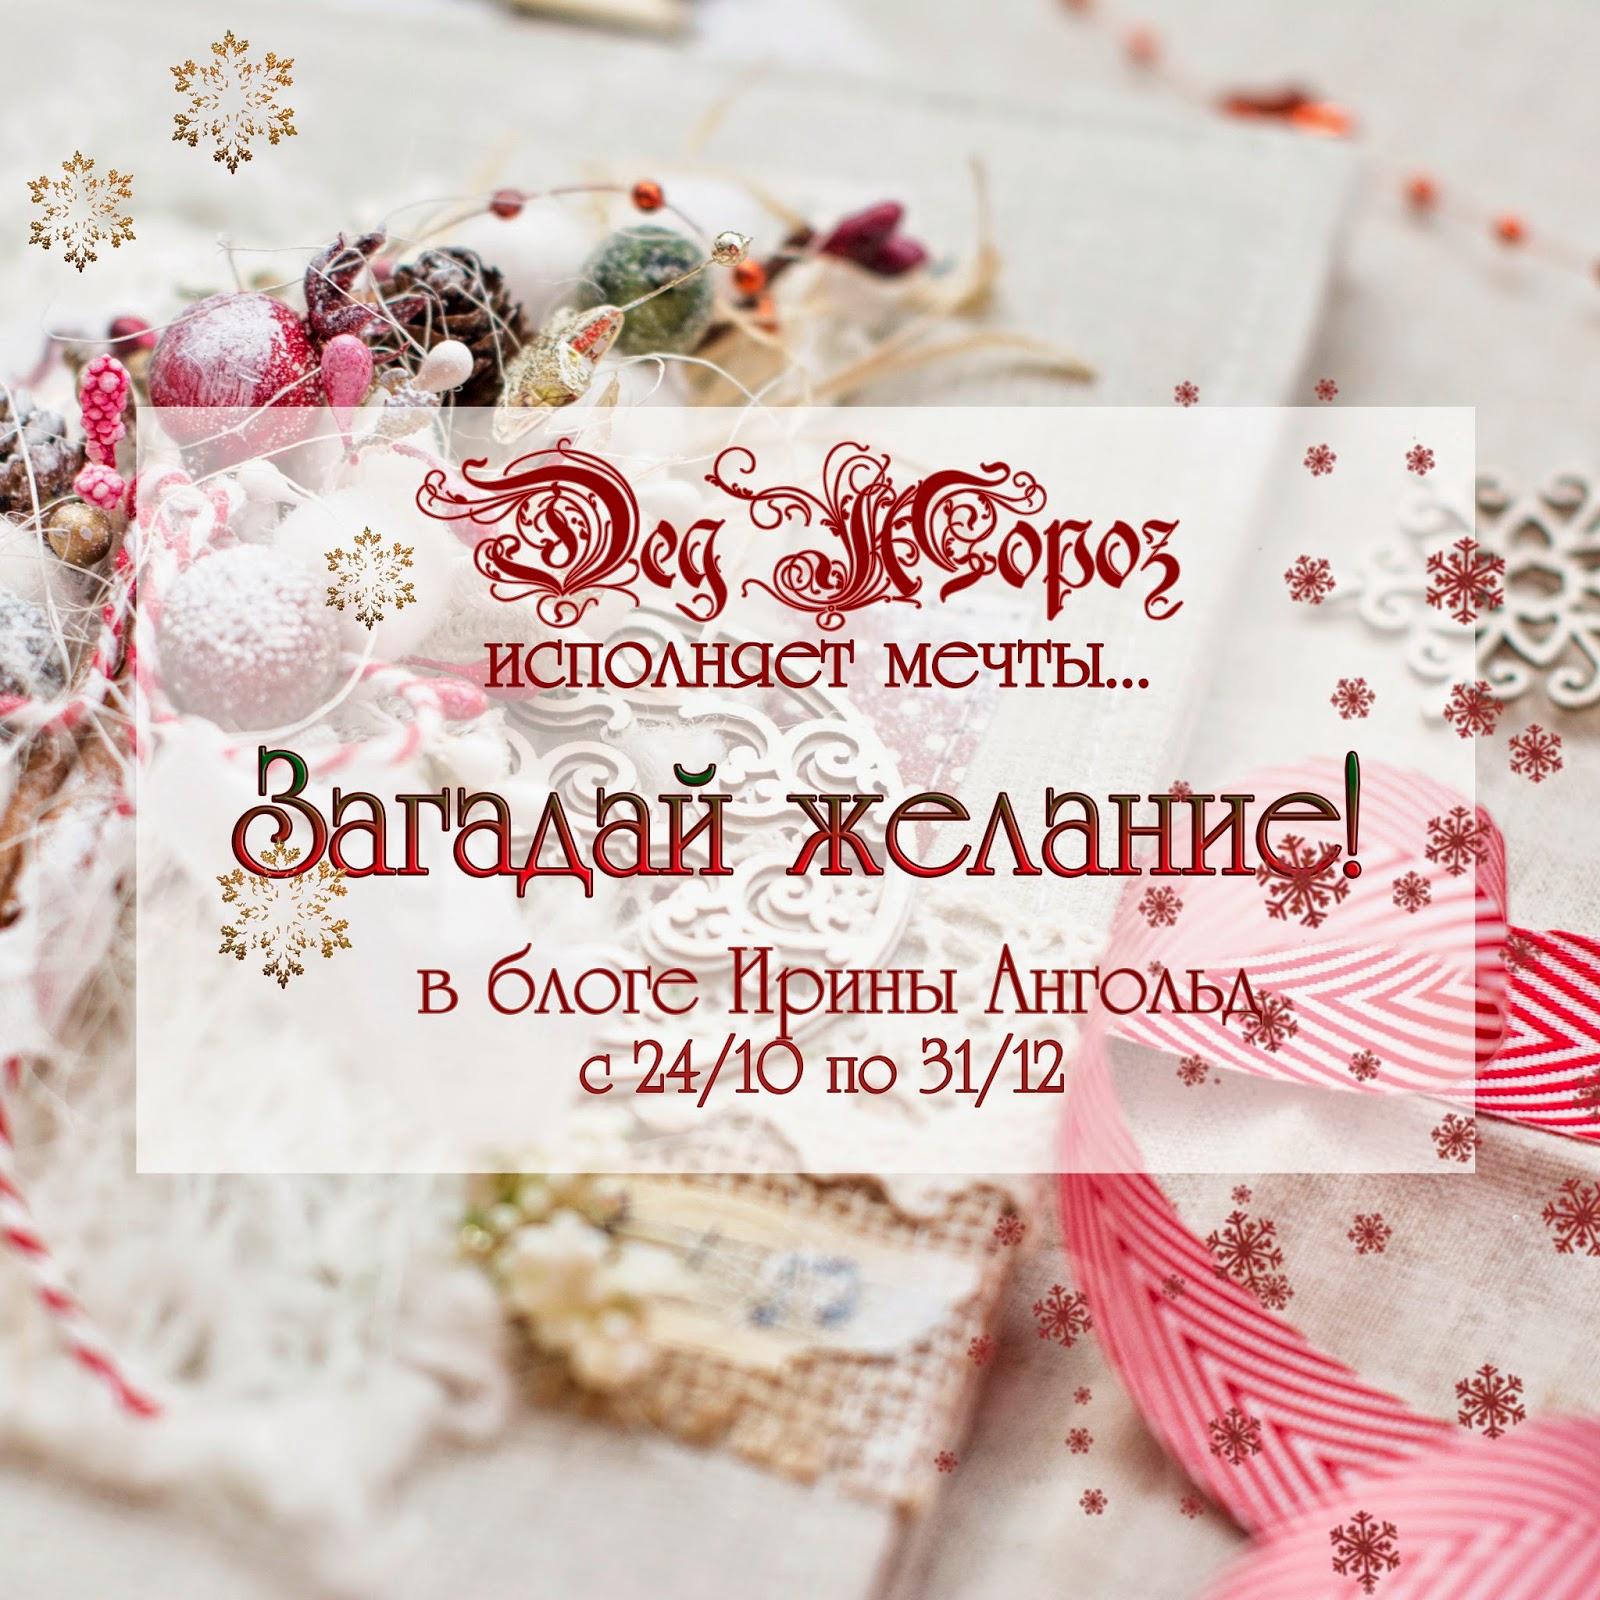 Загадай желание! до 31 декабря